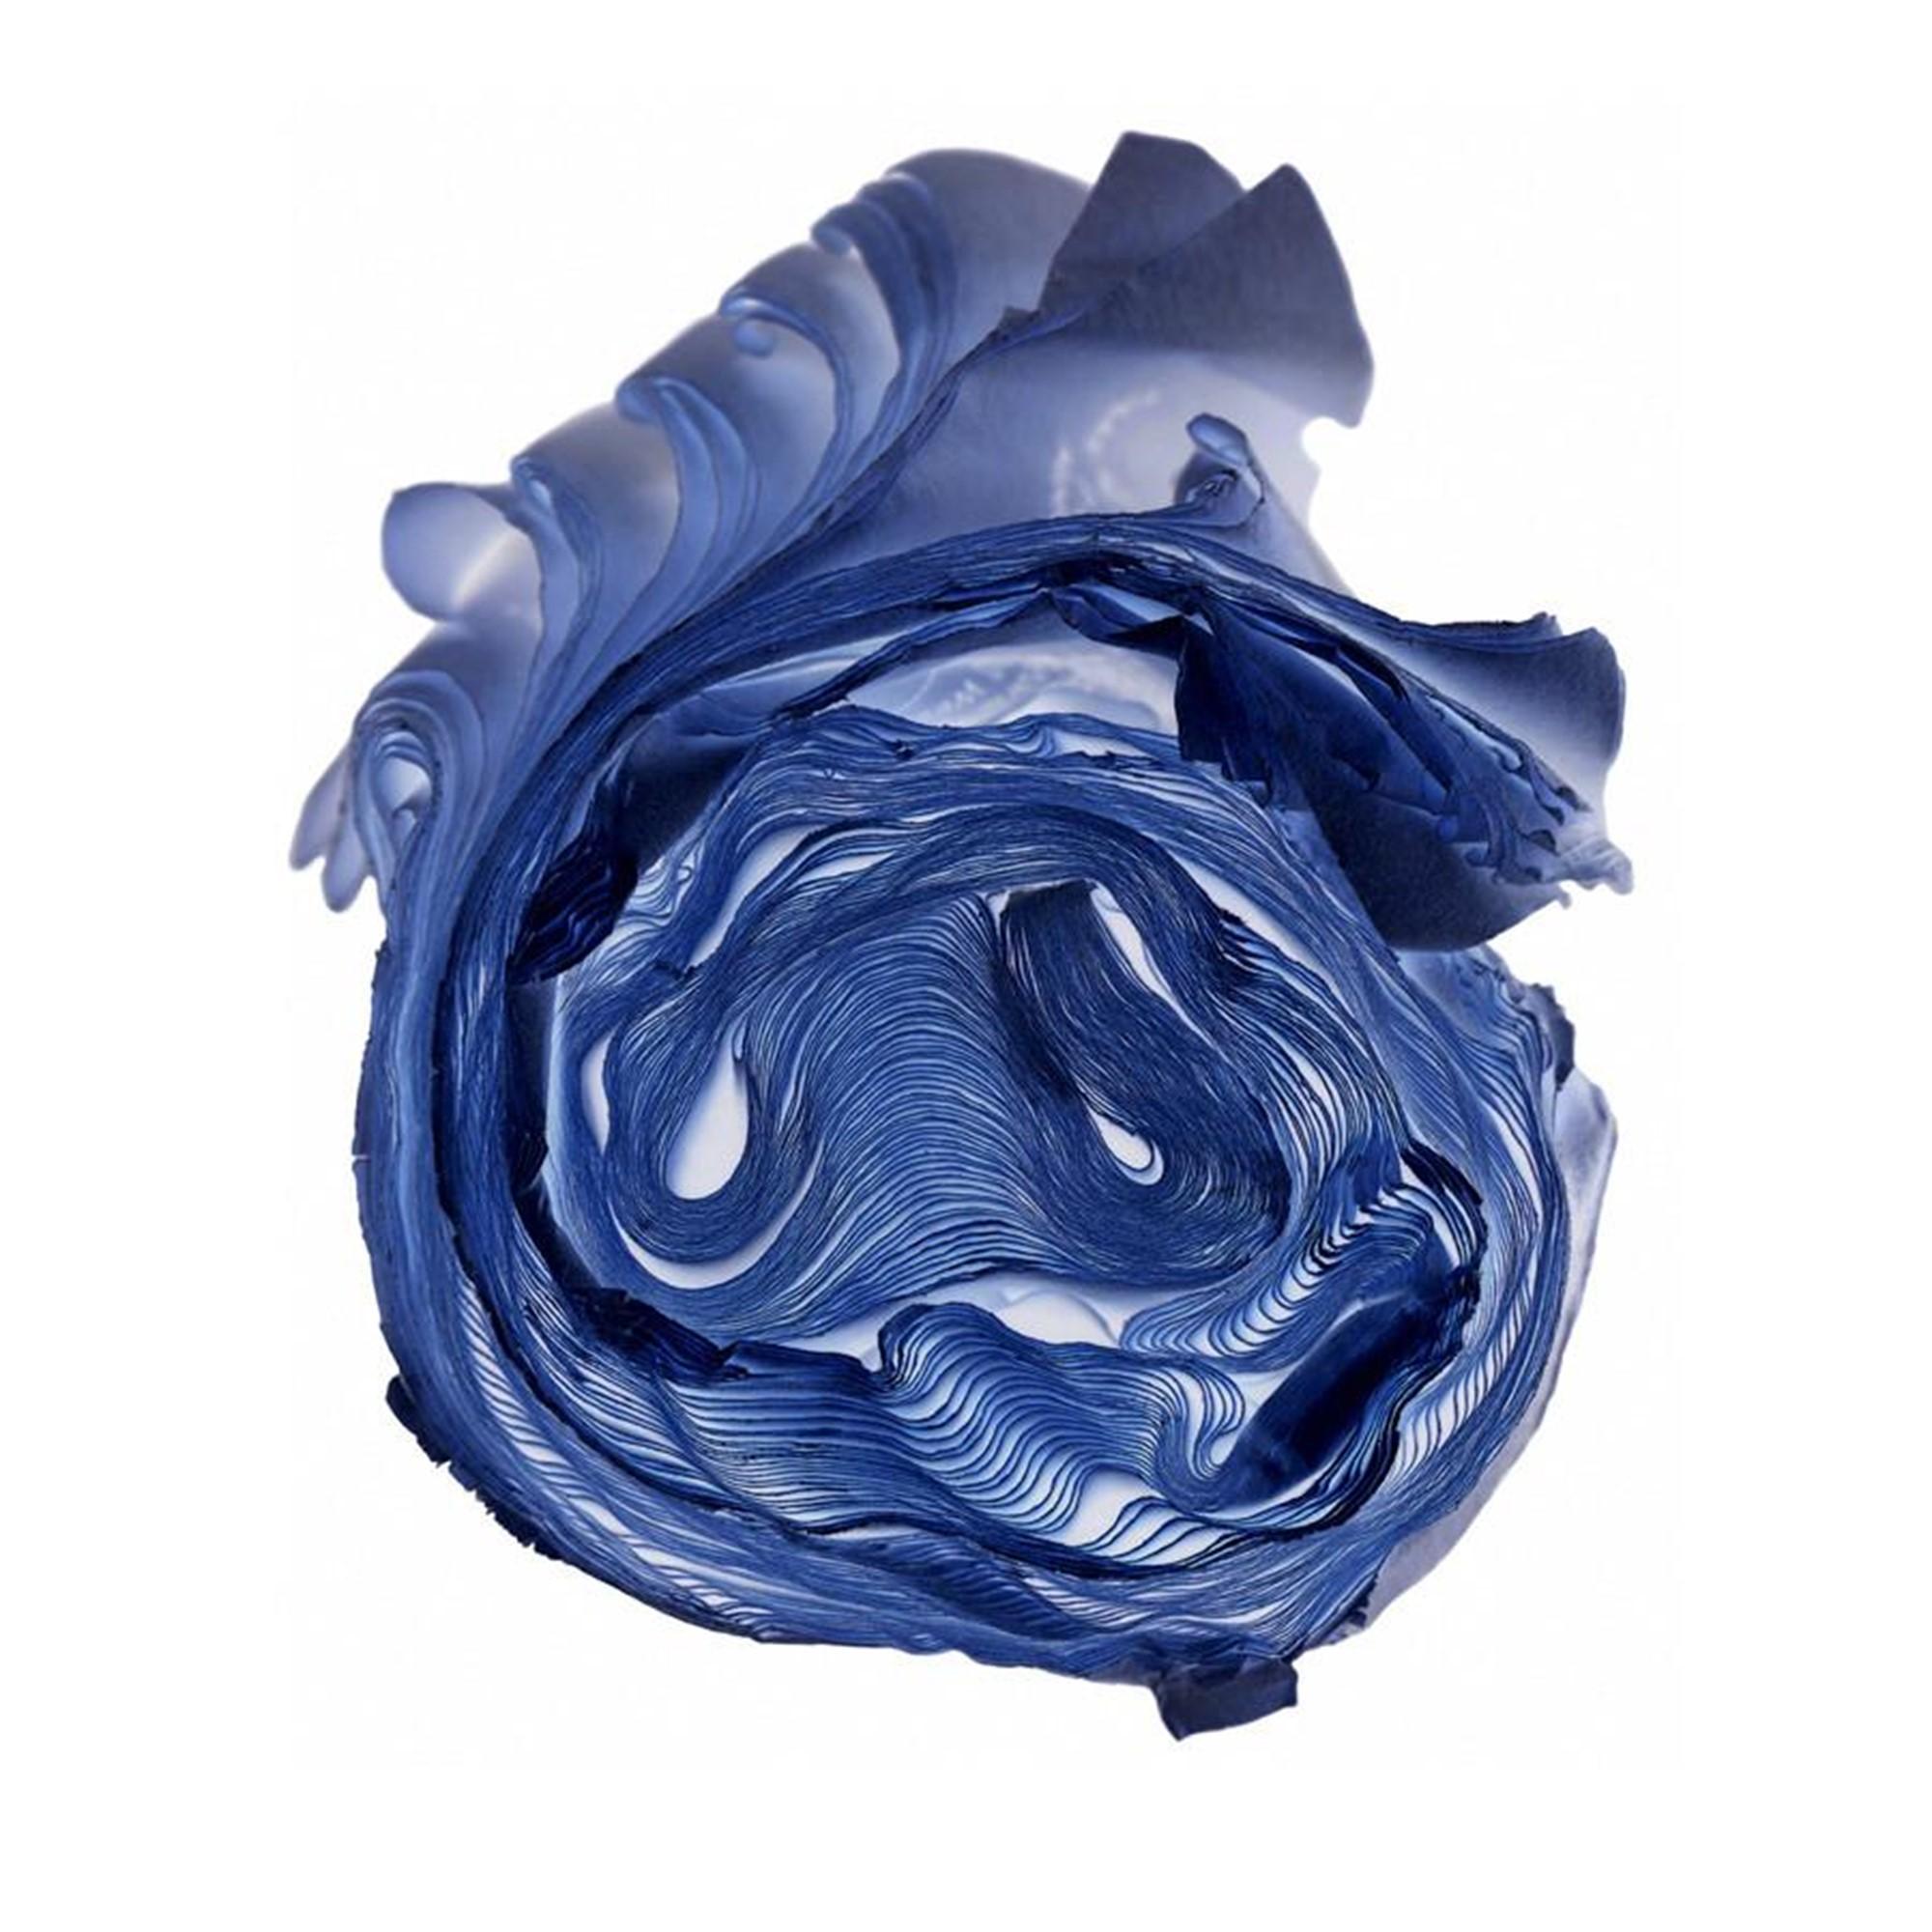 Blue Rose by Cara Barer